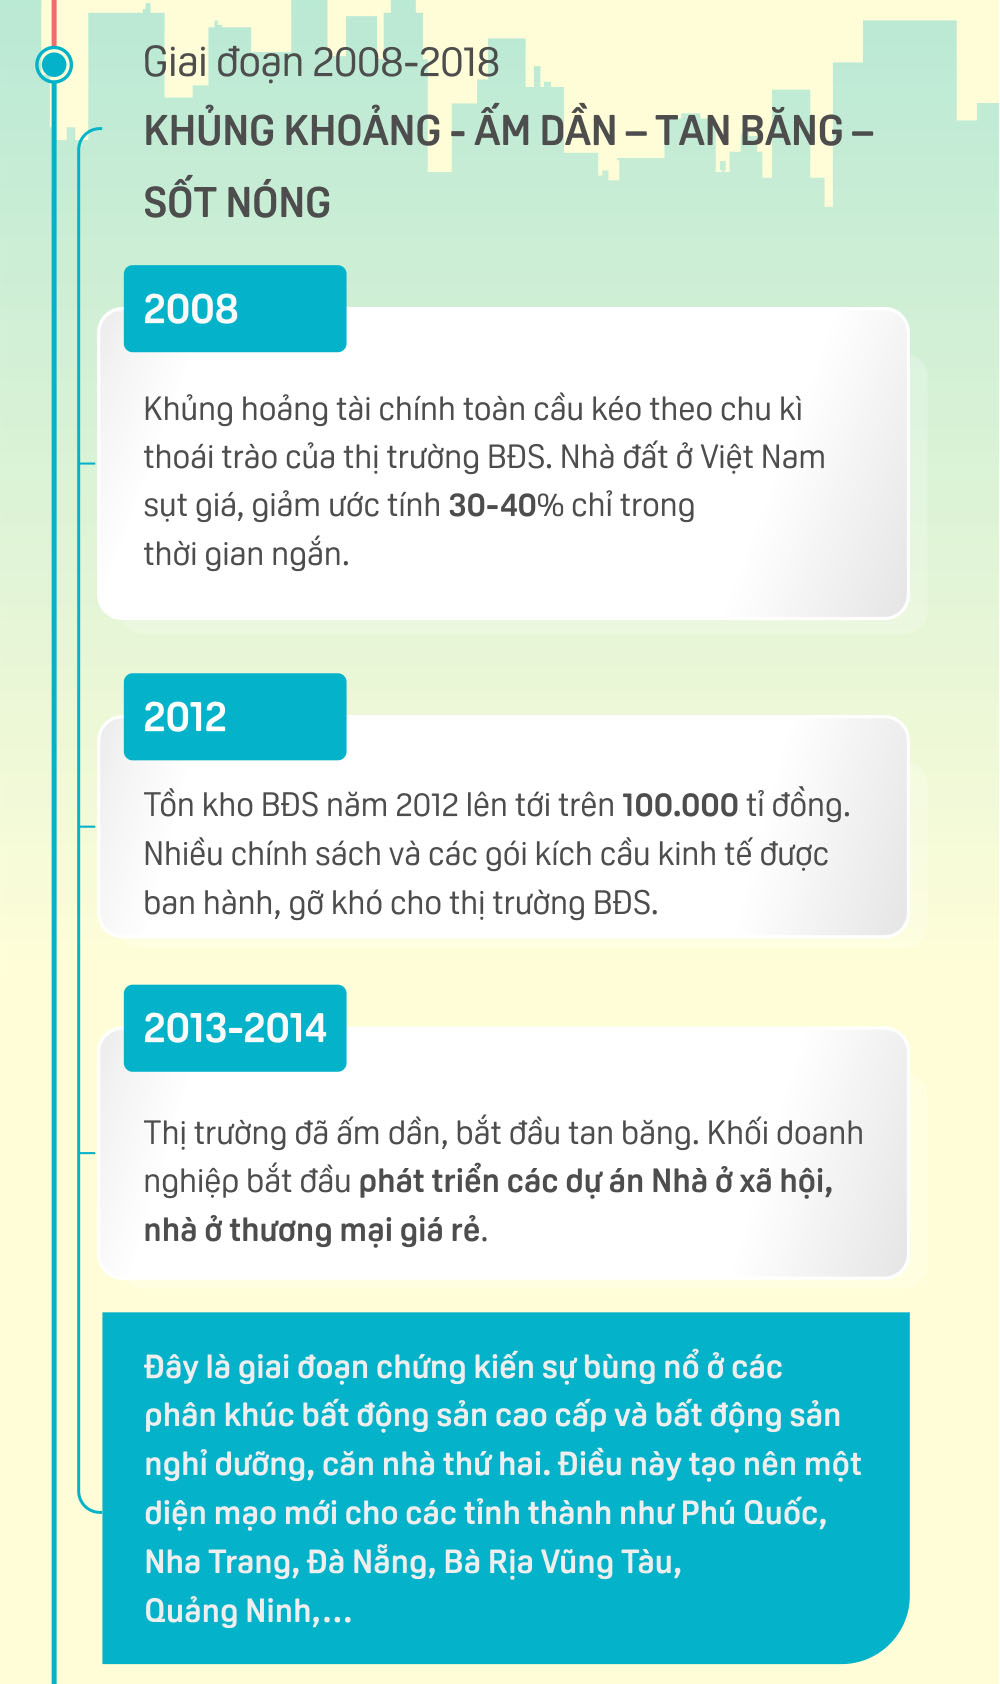 giai-doan-thi-truong-bat-dong-san-2008-2018